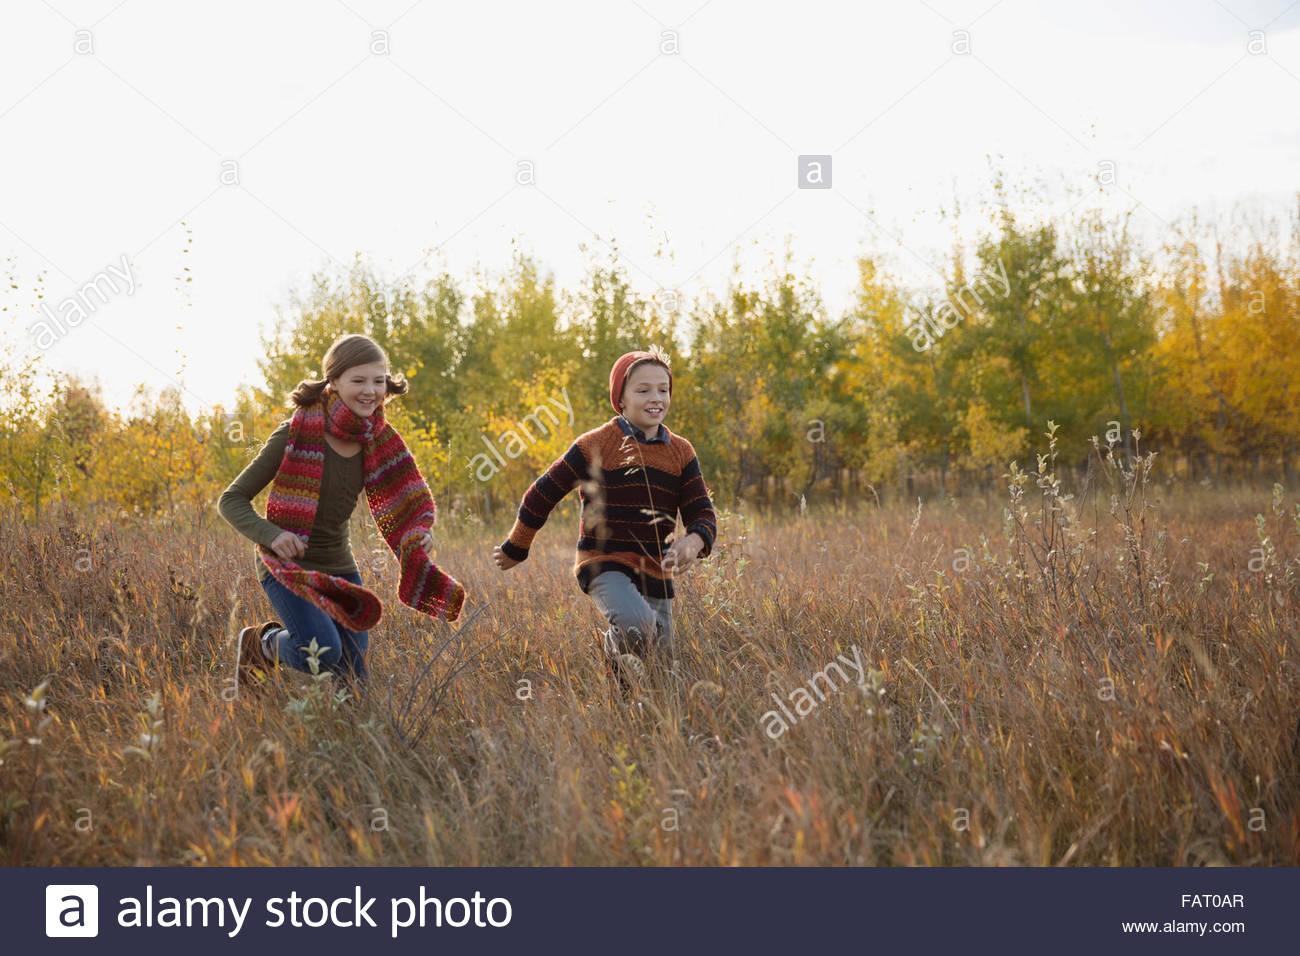 Bruder und Schwester im Herbst Feld laufen Stockbild